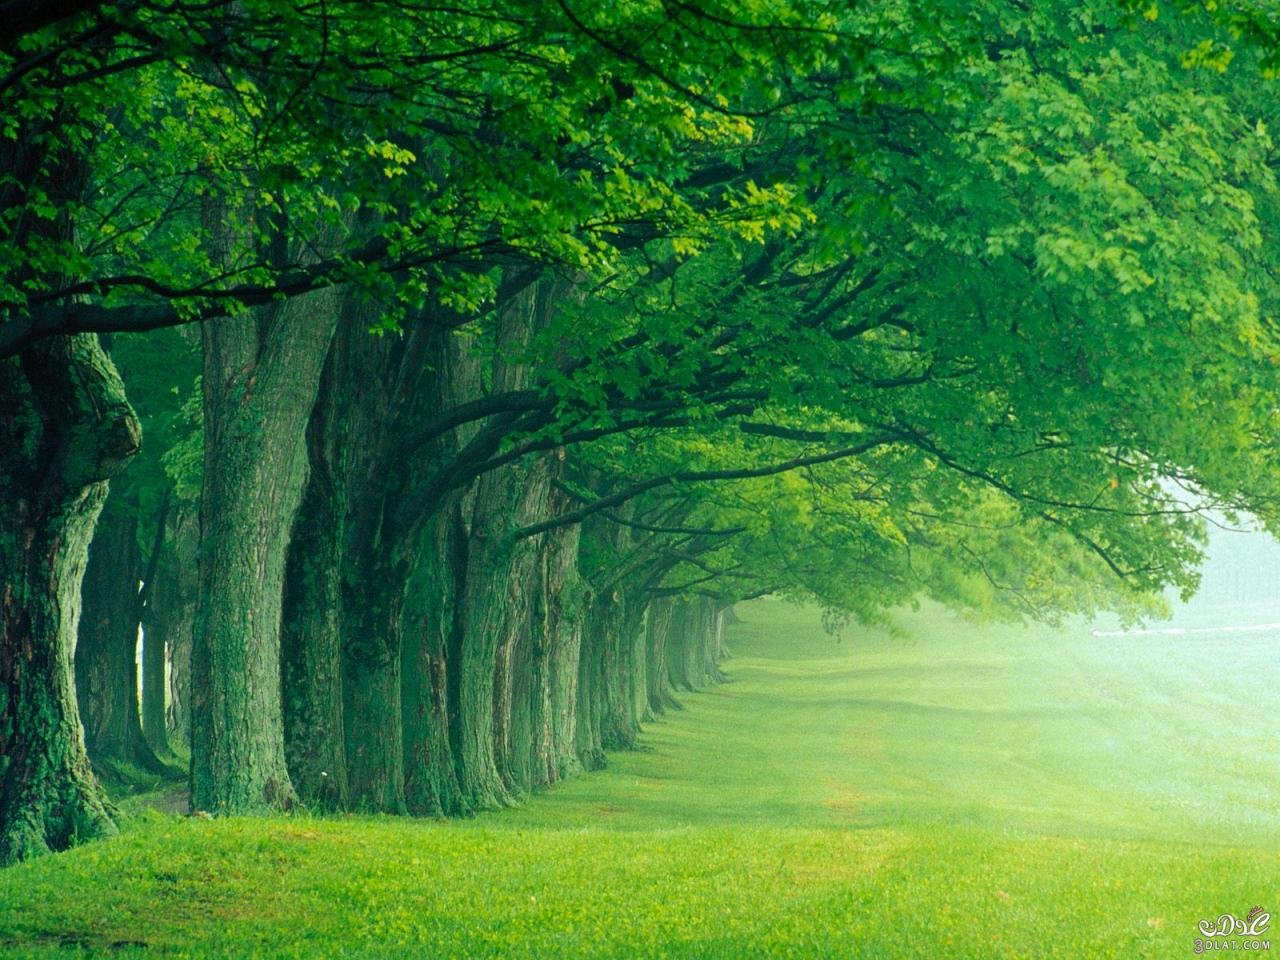 صورة صور الطبيعة الجميلة , سبحان الله معقول الصور دي عندنا في الطبيعة 3296 6